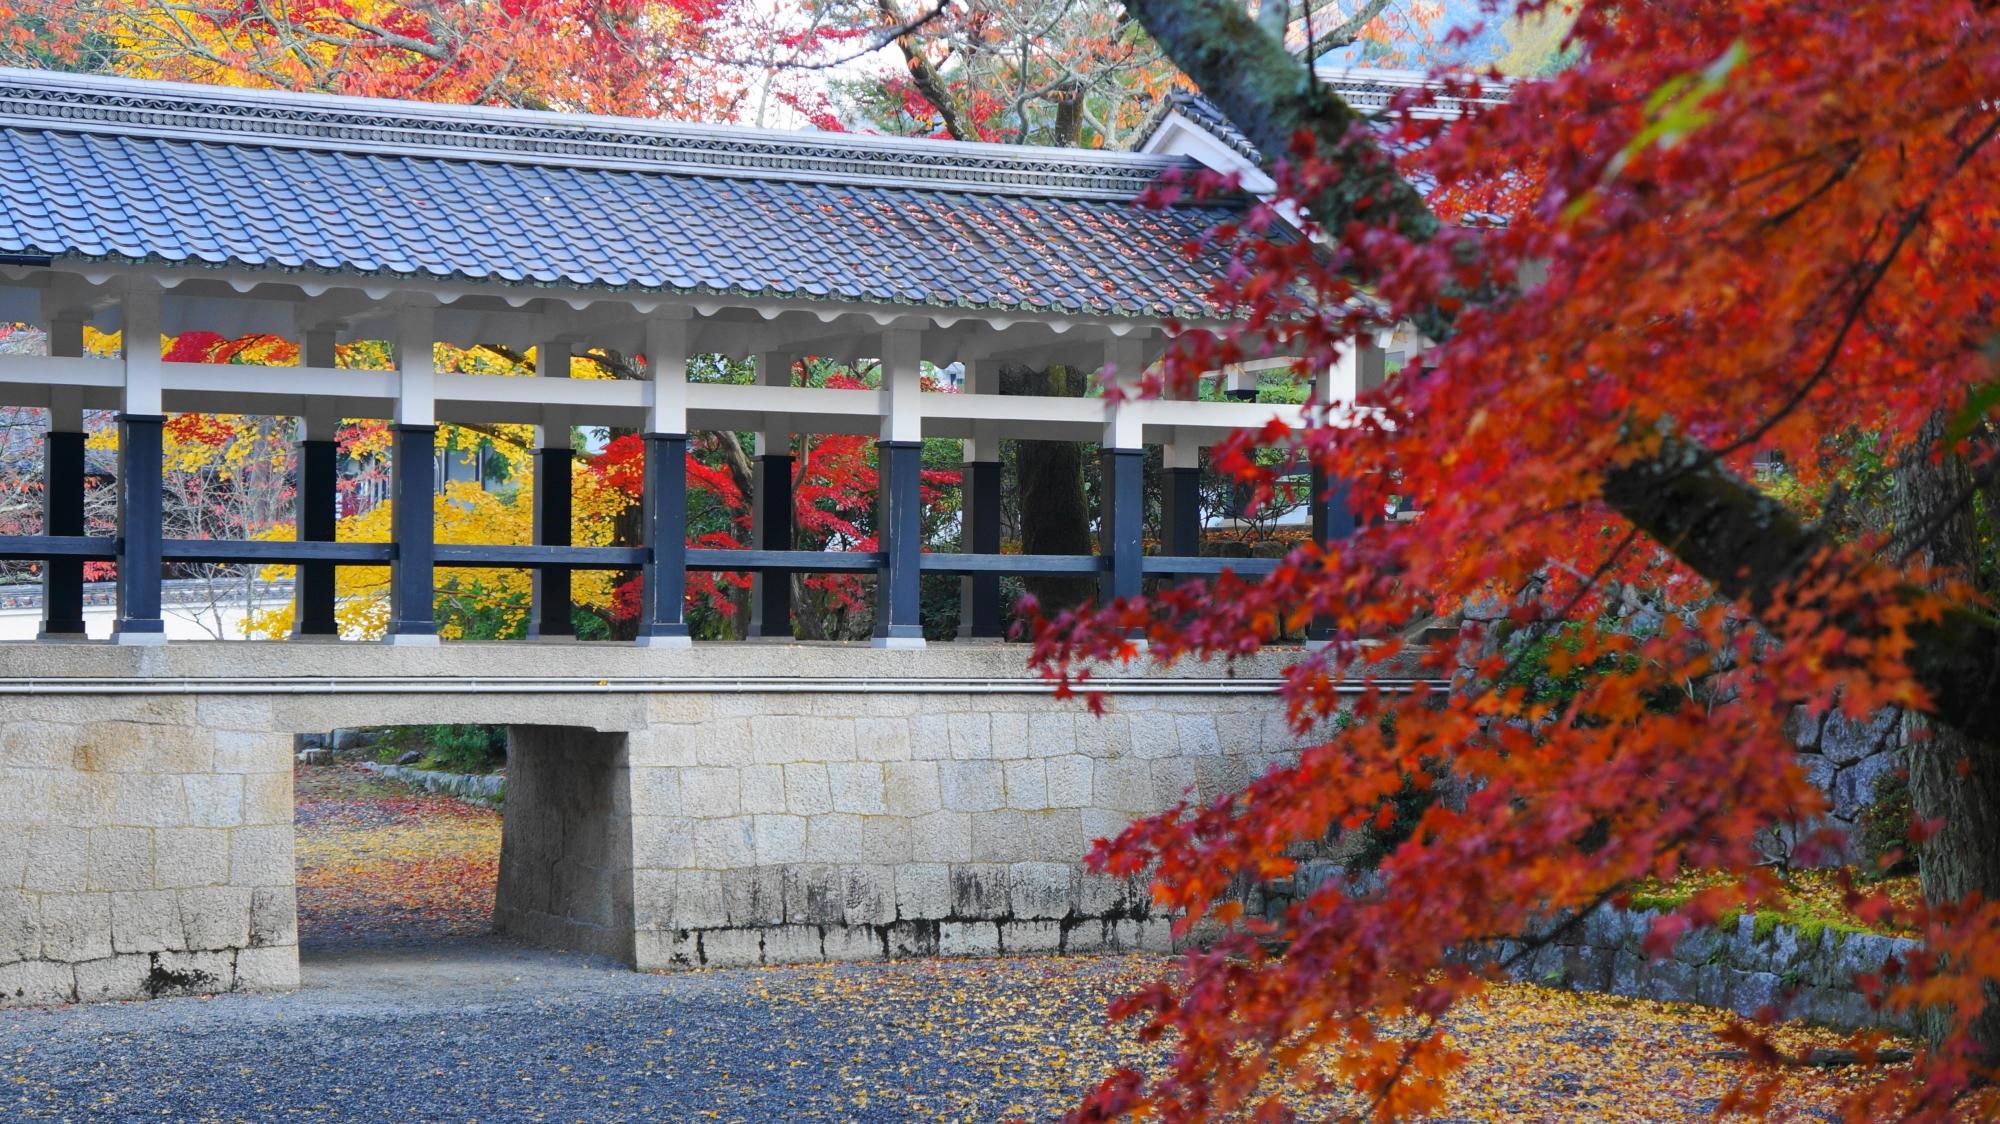 南禅寺の独特の回廊を染める鮮やかな紅葉や銀杏